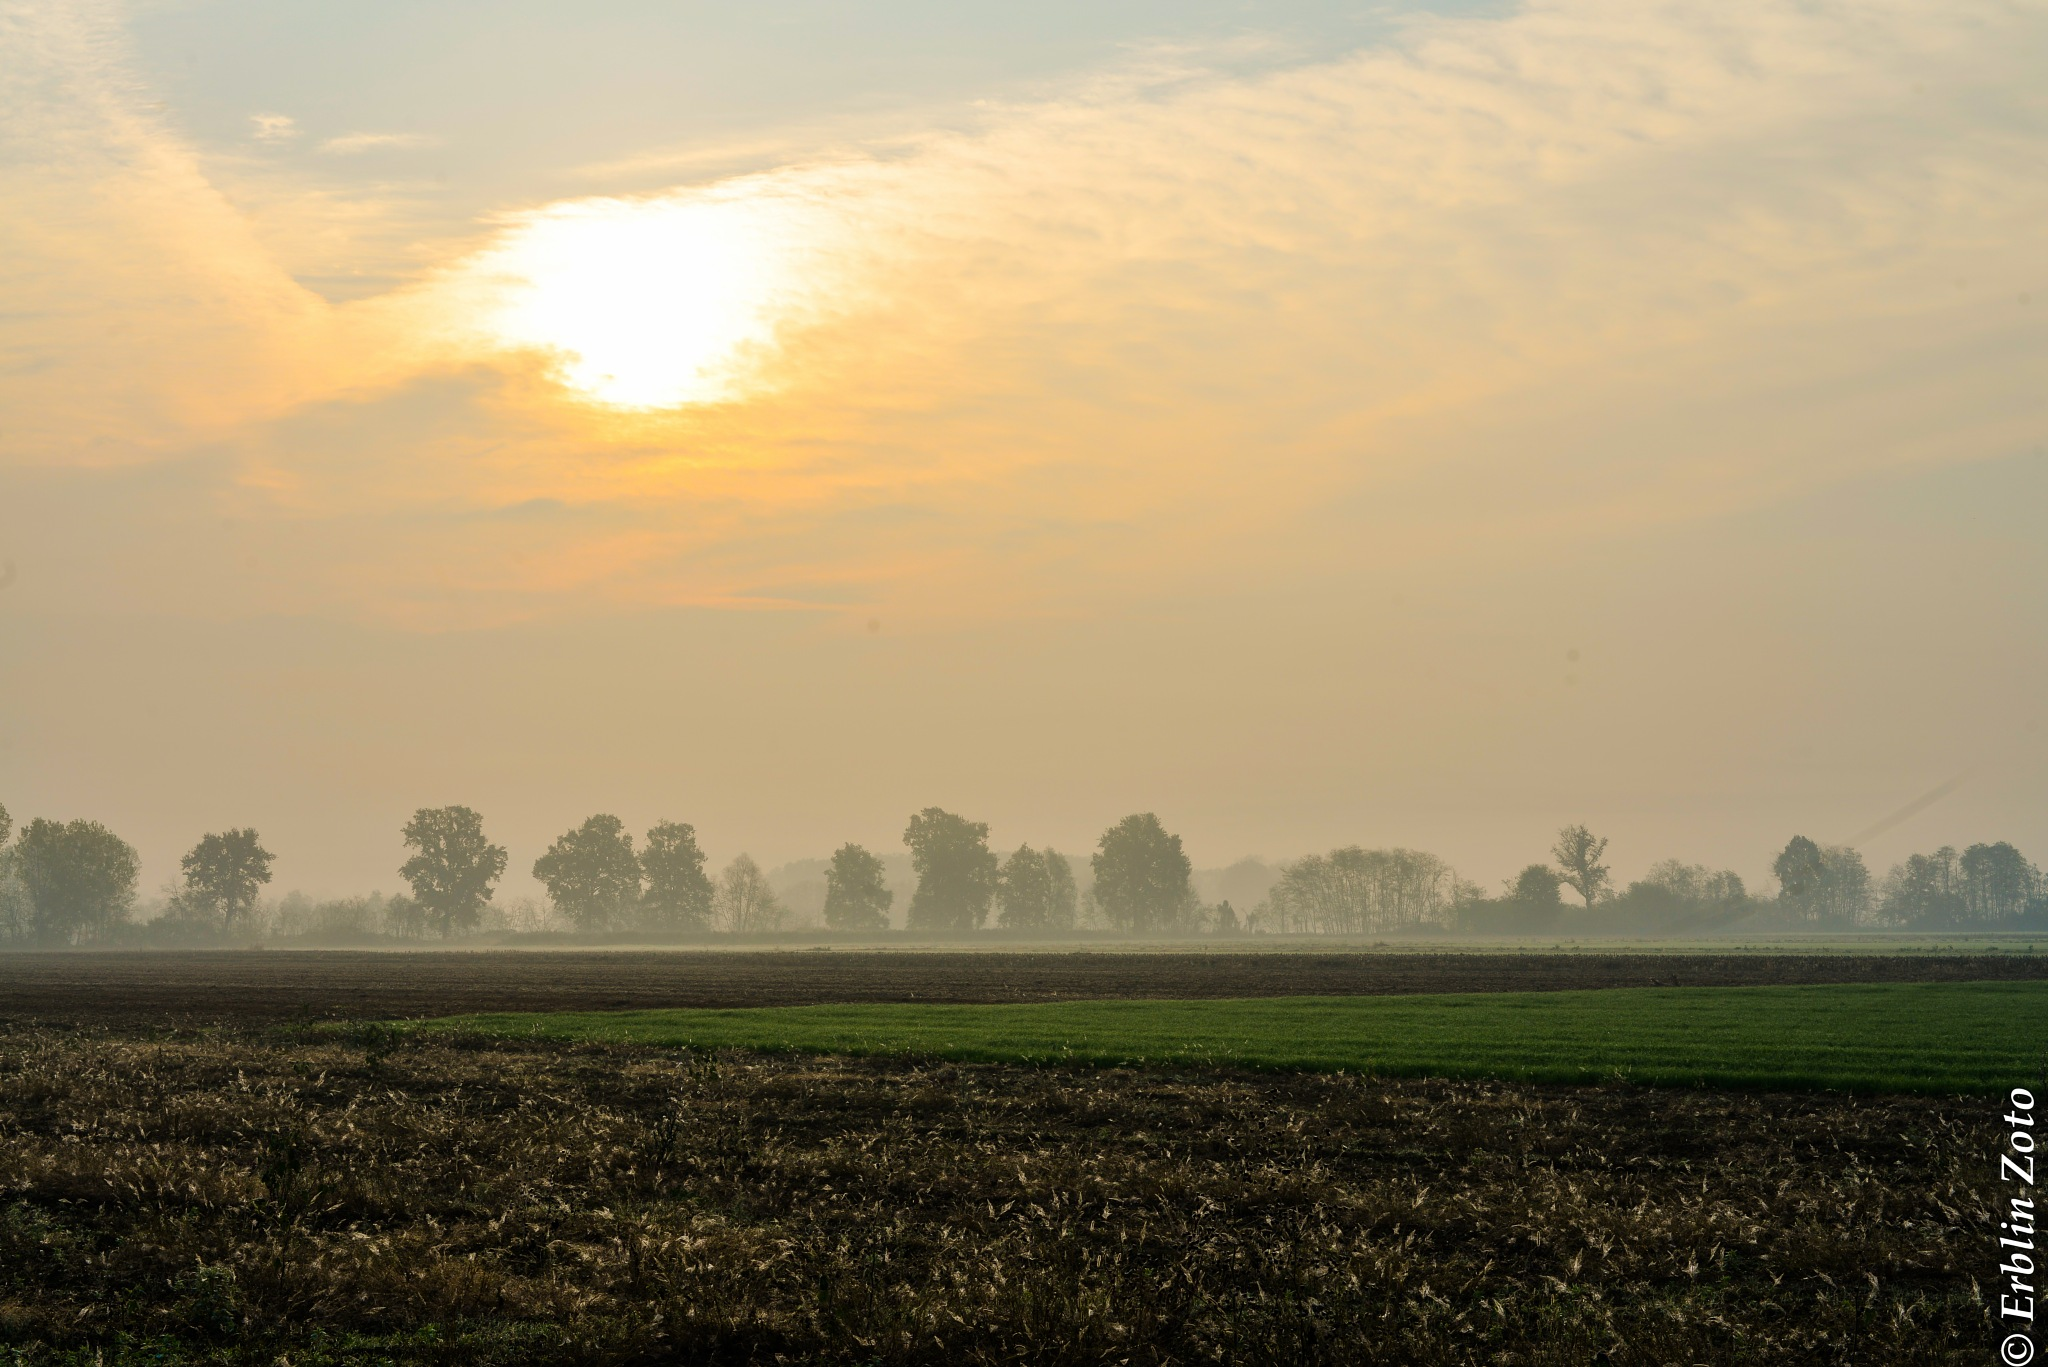 fog by Erblin Zoto